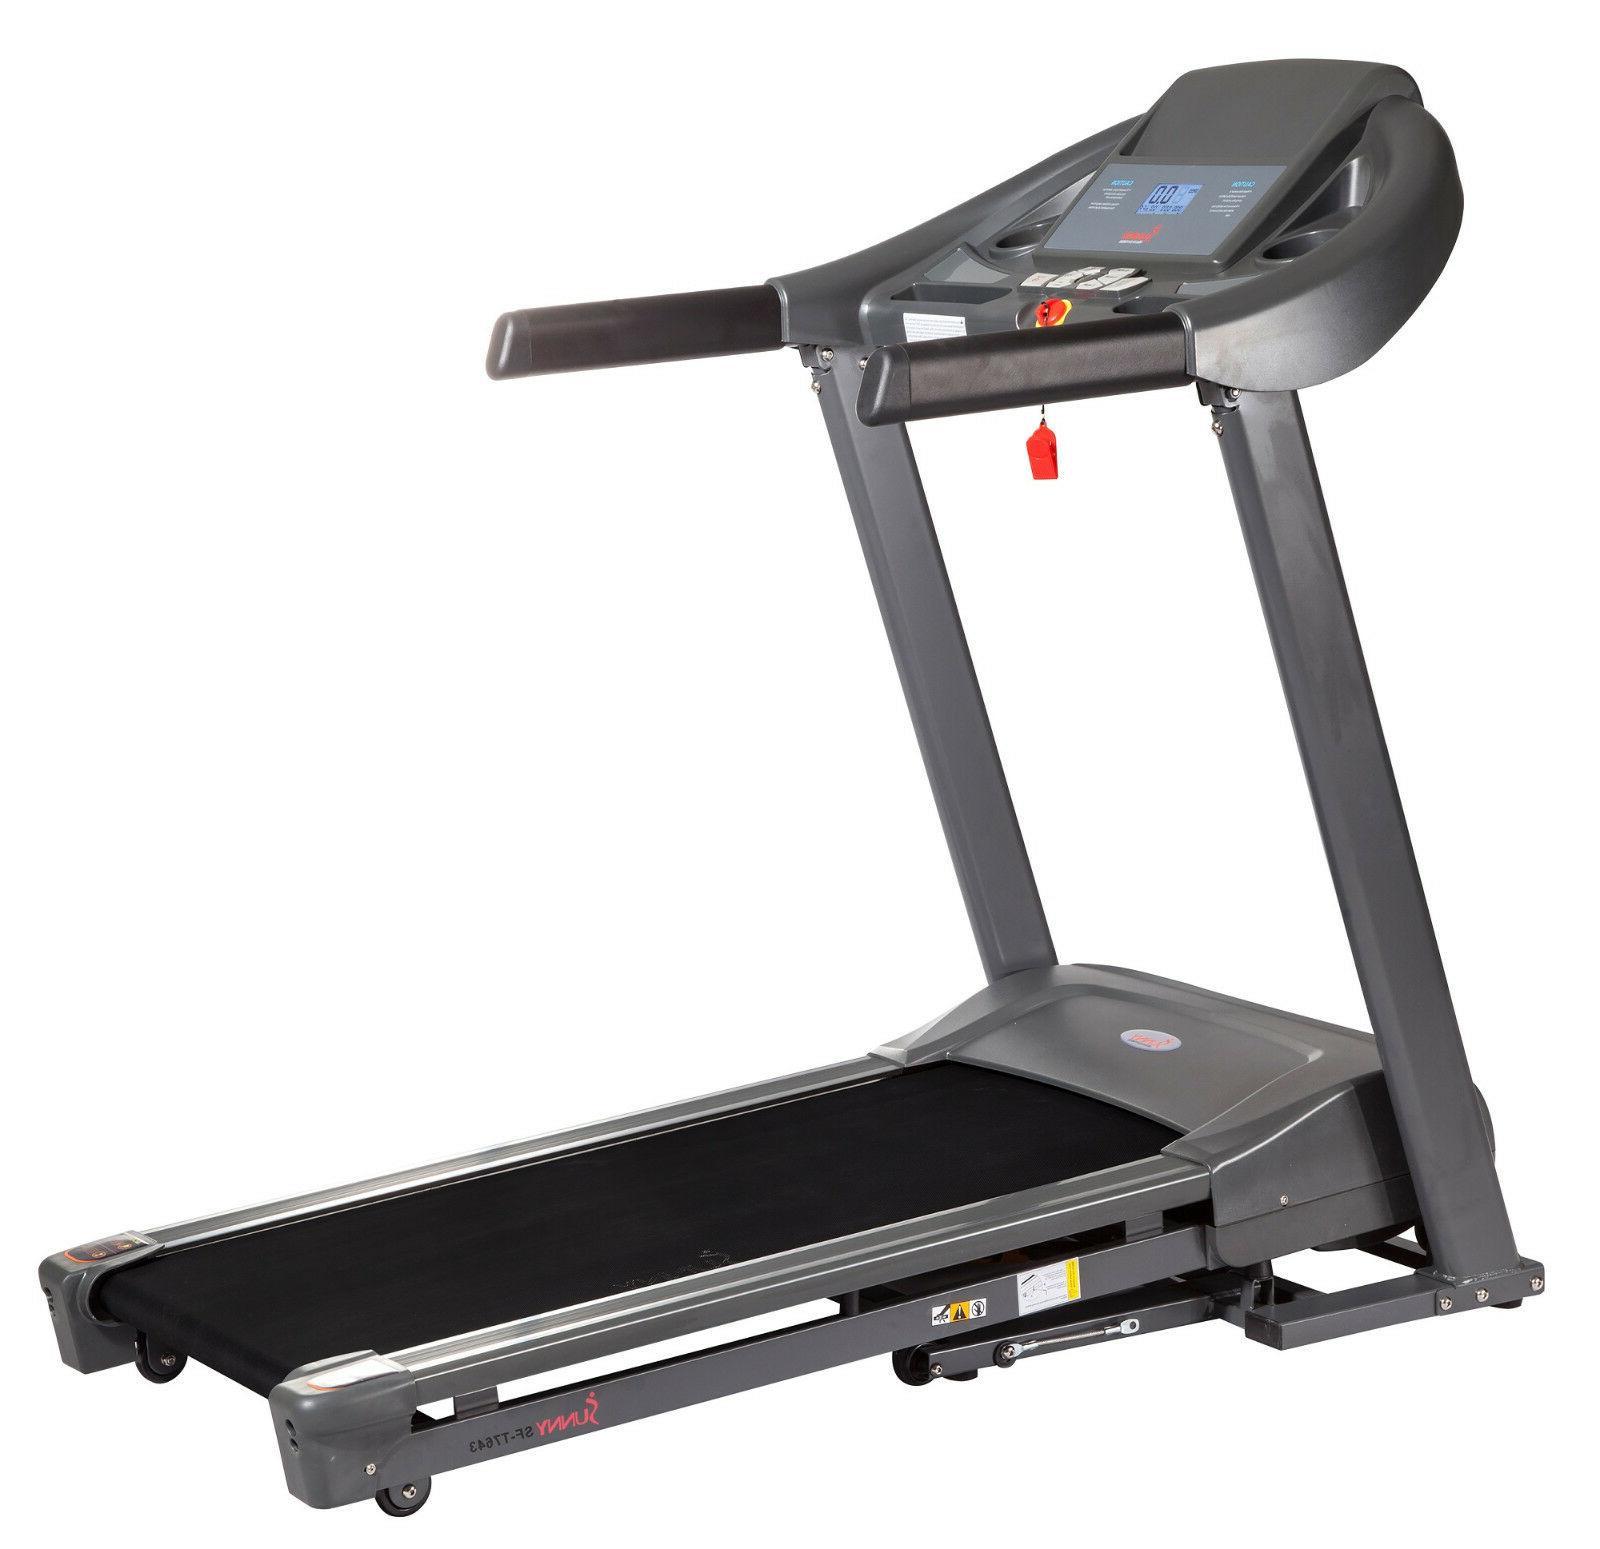 Sunny Health & Fitness Heavy Duty Manual Walking Exercise Tr